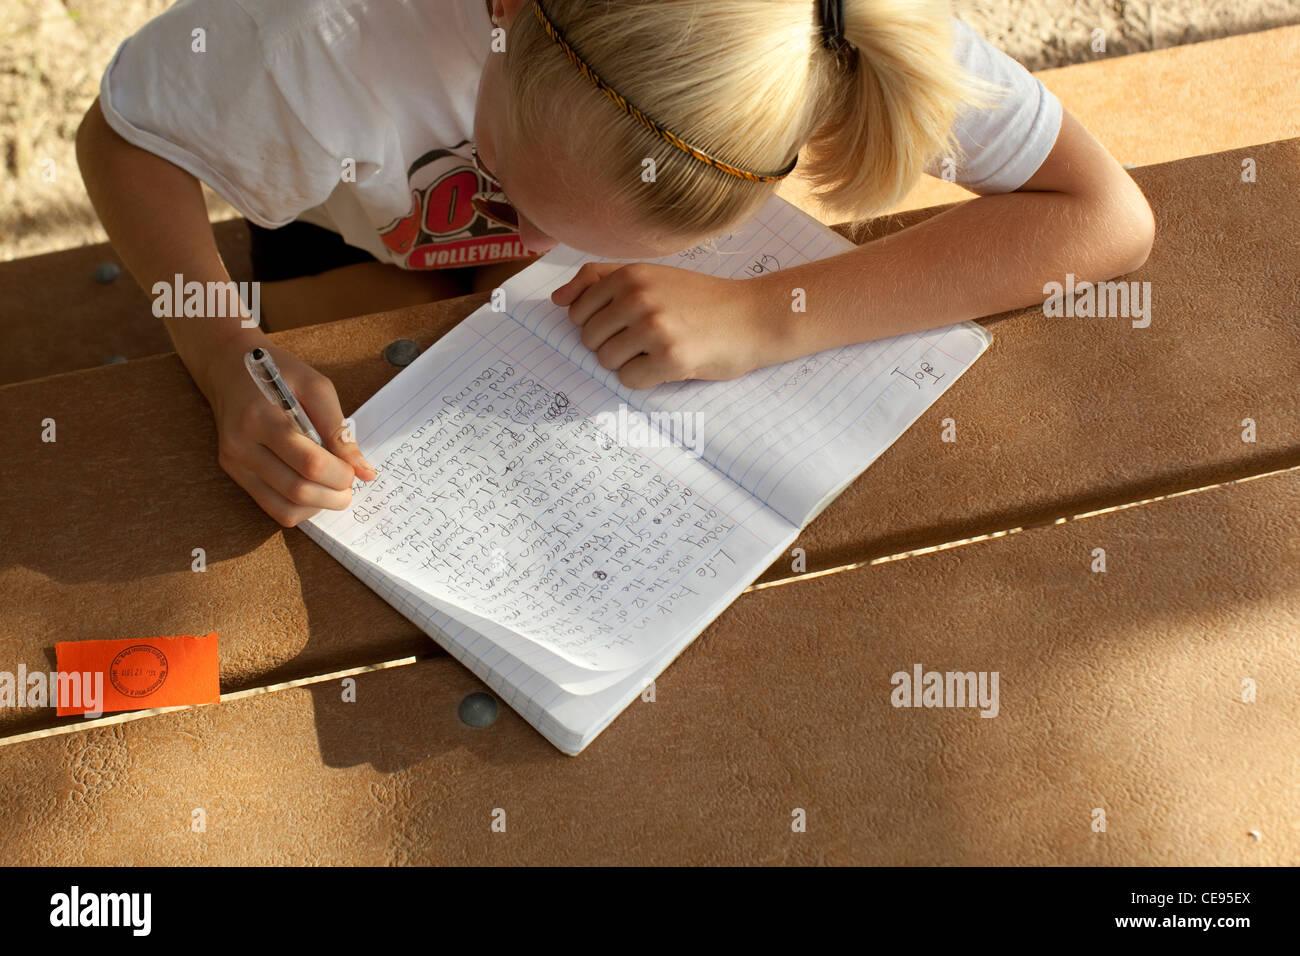 Centro Adolescenti scuola studente scrive a mano relazione scuola durante il viaggio di campeggio al parco nazionale Immagini Stock